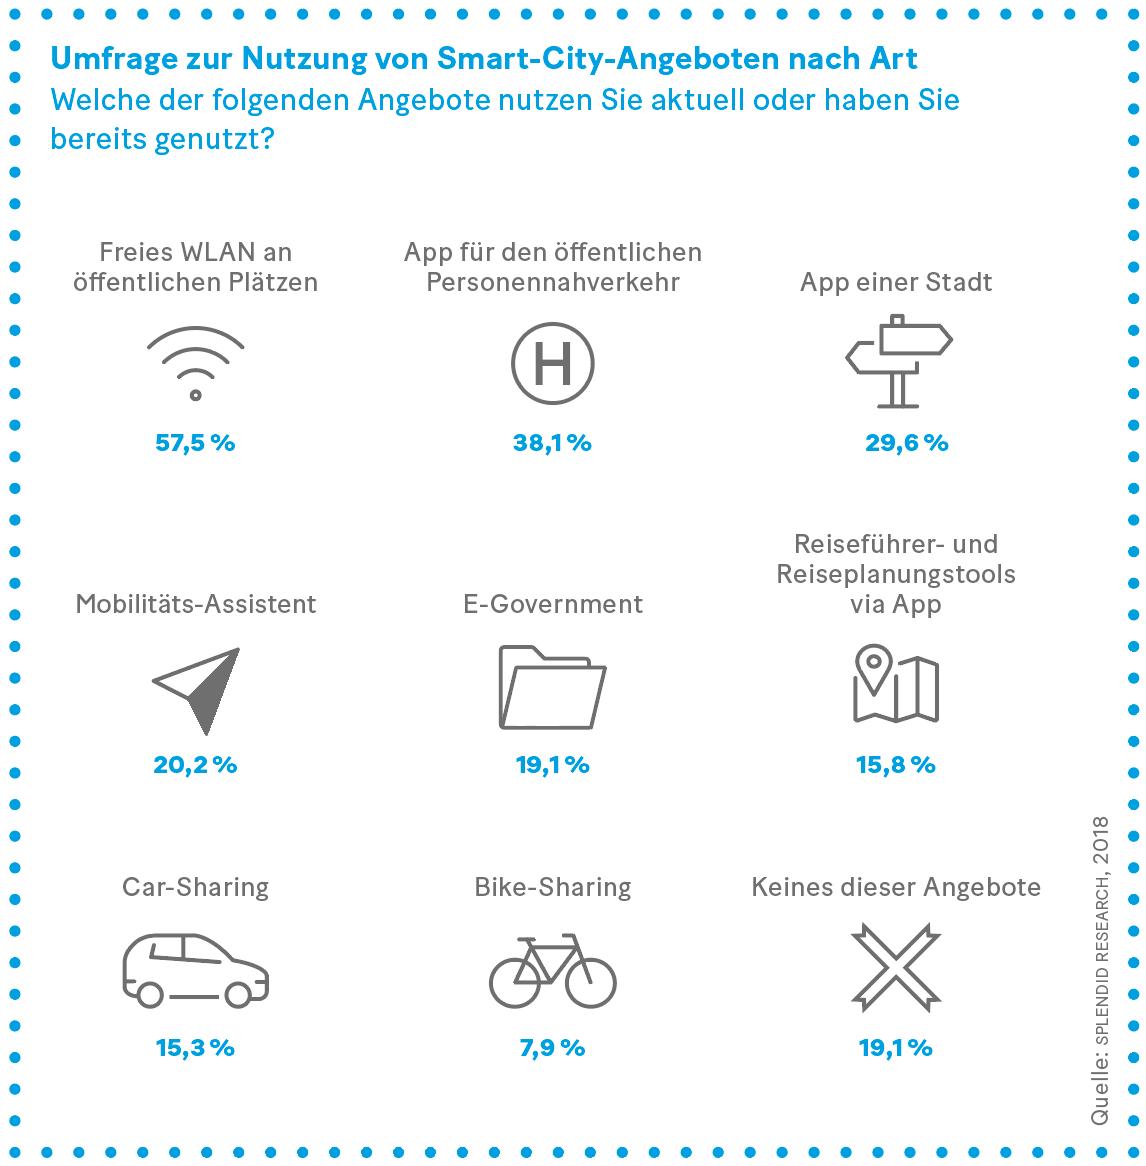 Grafik: Umfrage zur Nutzung von Smart-City-Angeboten nach Art